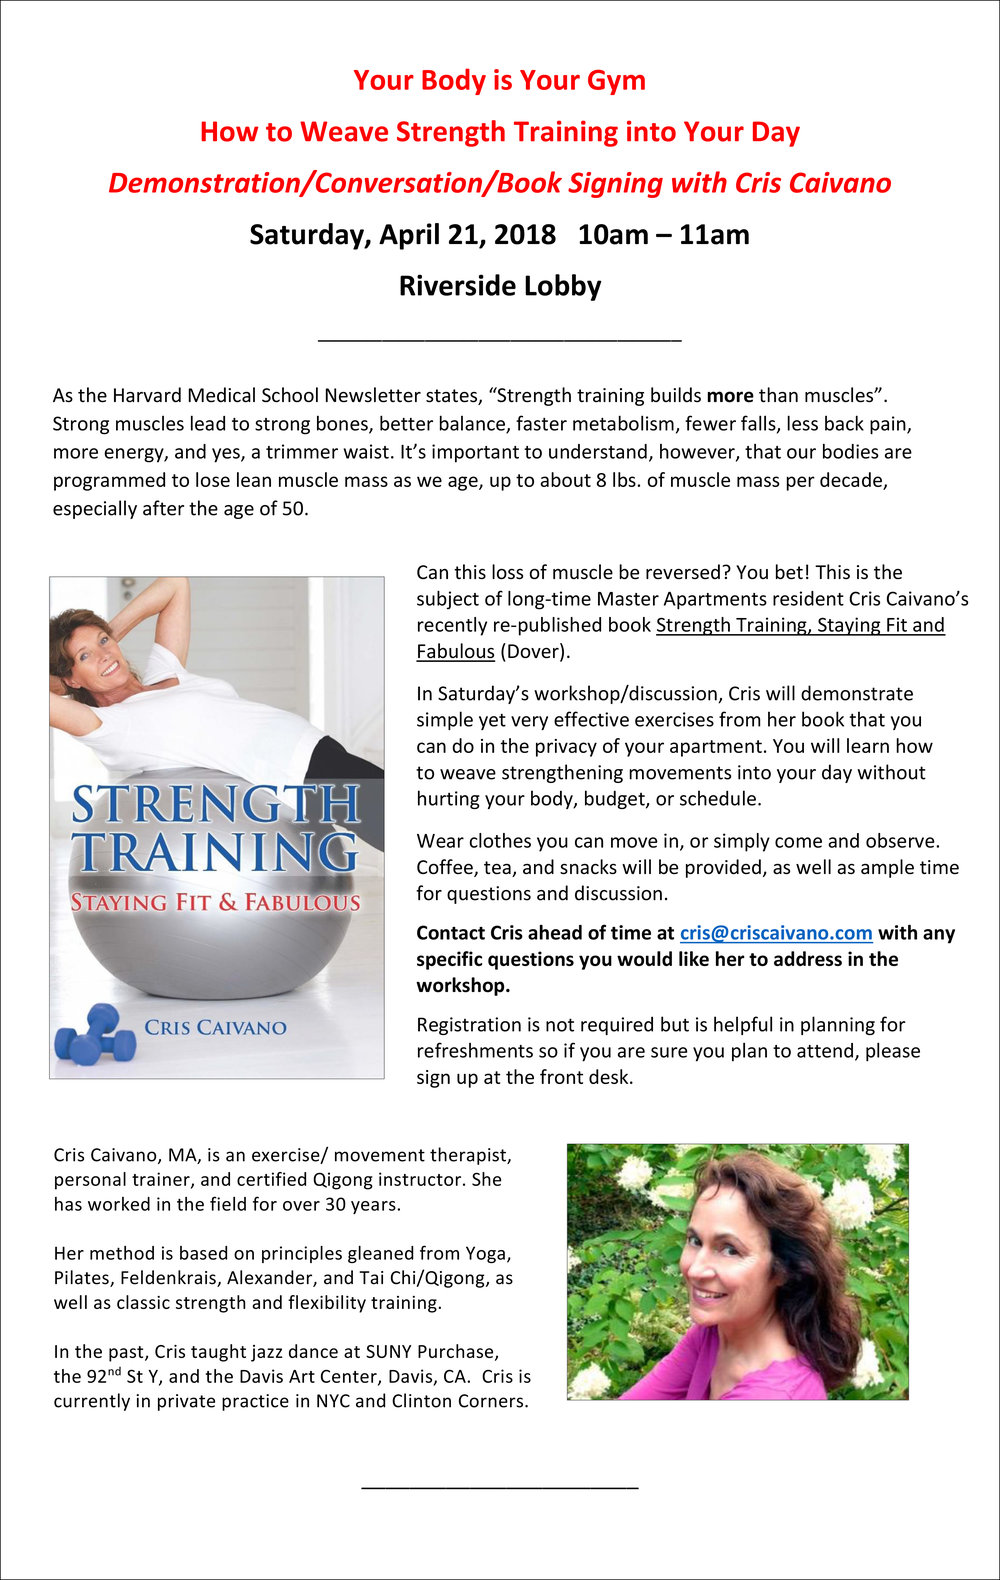 Your Body is Your Gym Program_Sat, April 21 10am_Cris Cavaino.jpg